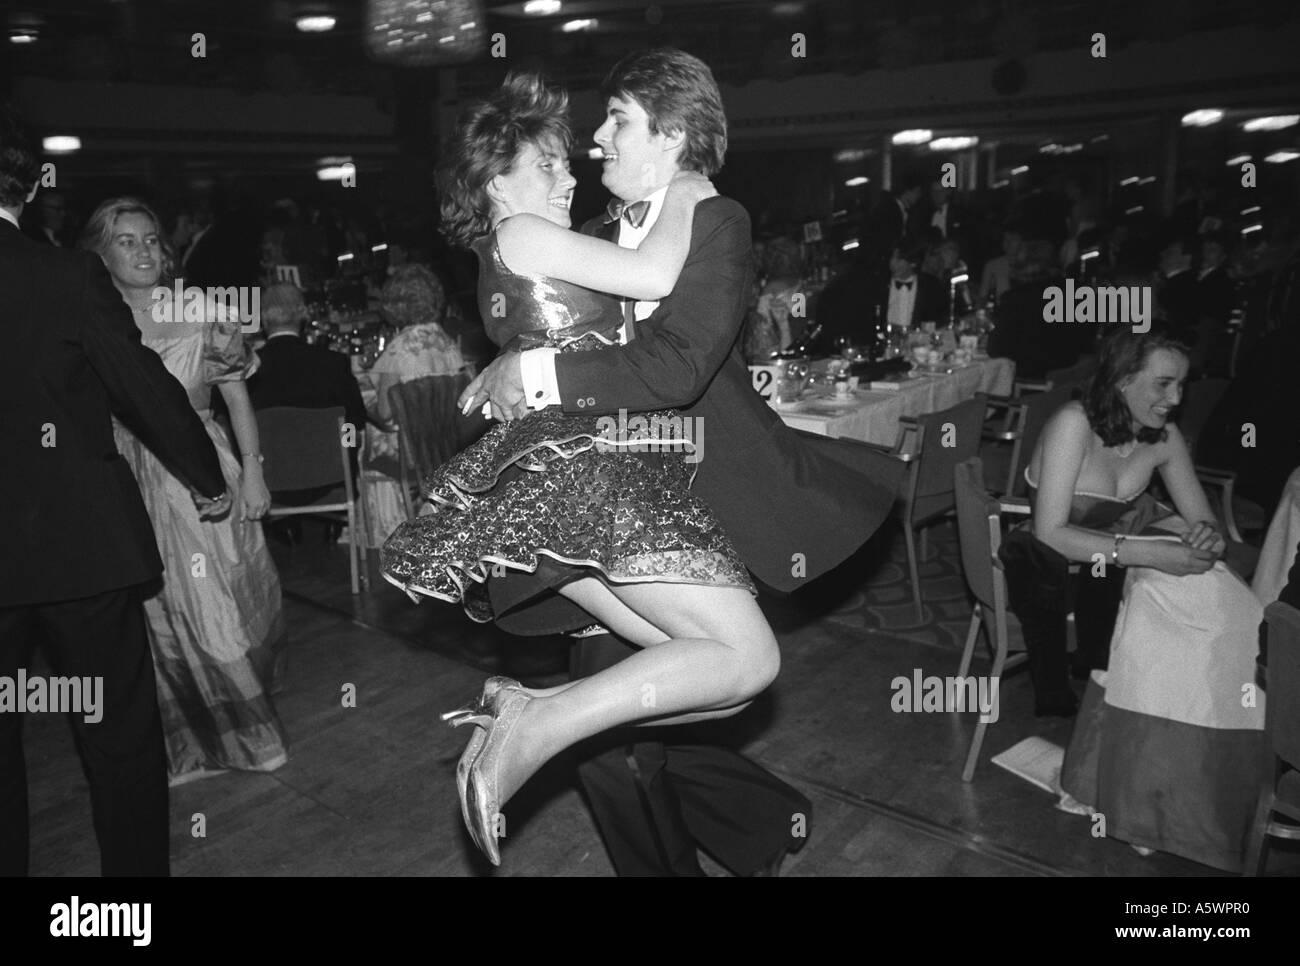 Sloan Ranger Arten am jährlichen Rose Ball Grosvenor House Hotel London England 1982 1980S HOMER SYKES Stockbild